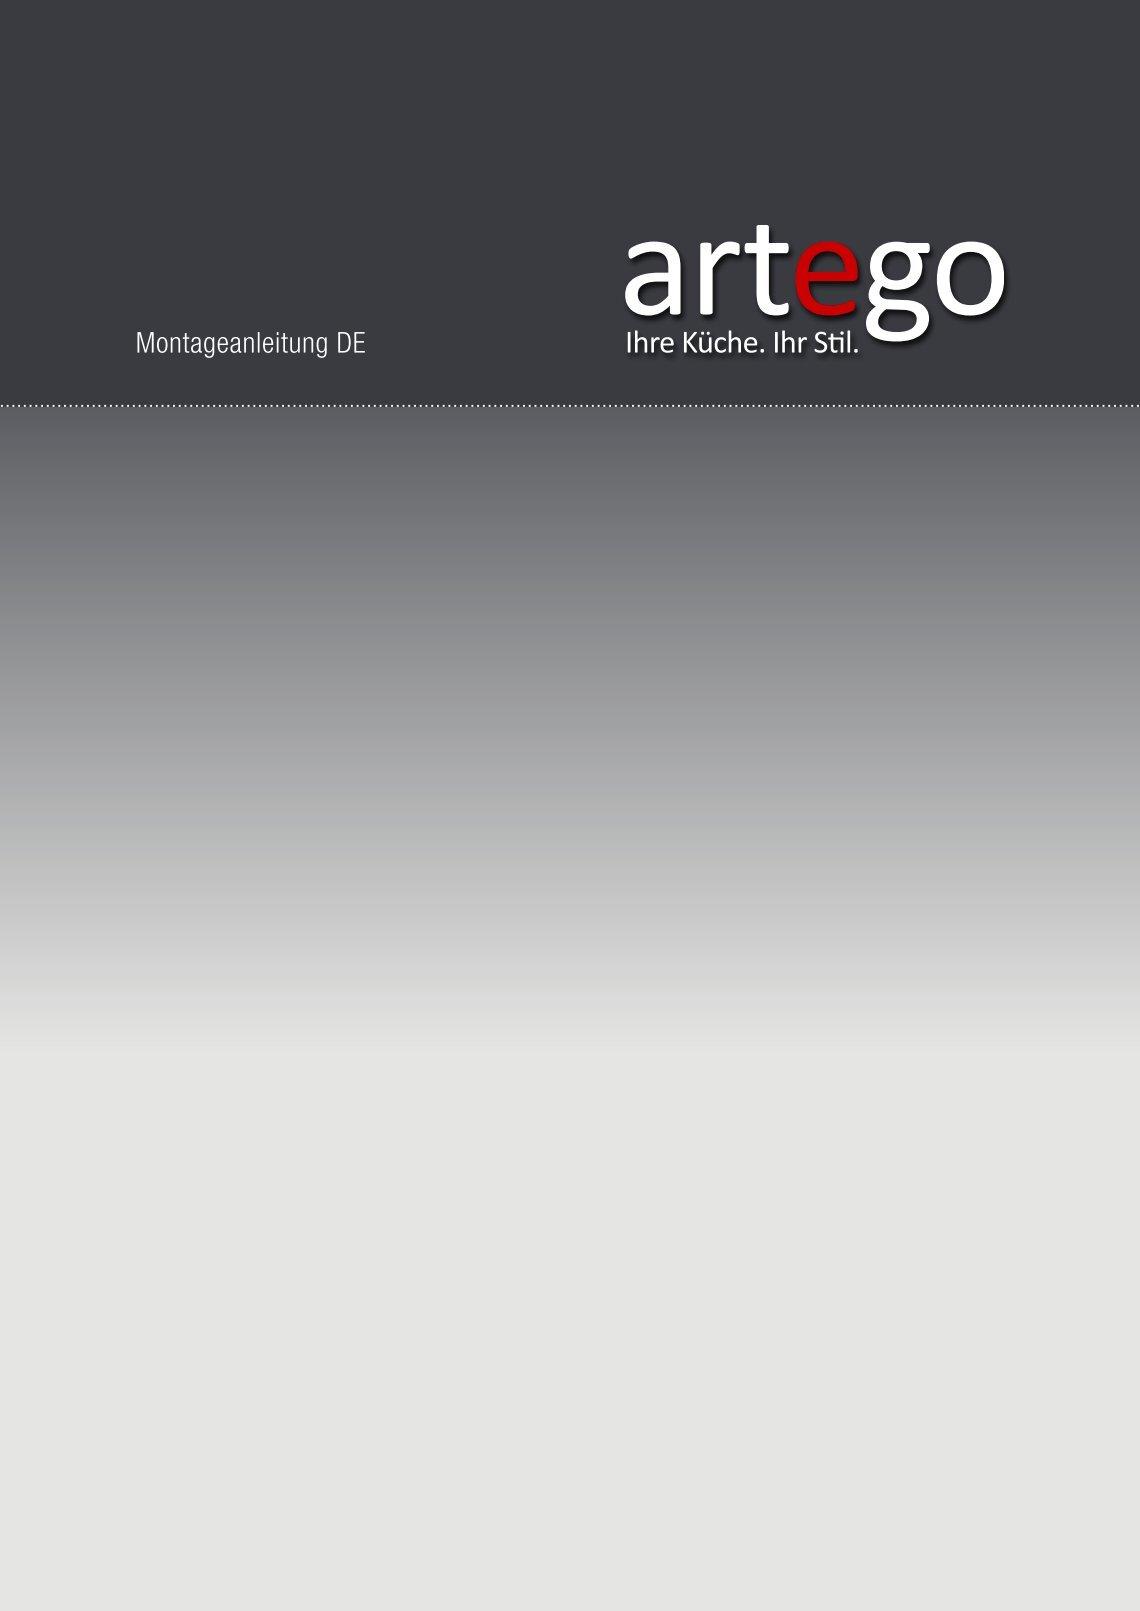 Einzigartig Artego Küchen Sammlung Von Artego.kuechen.de